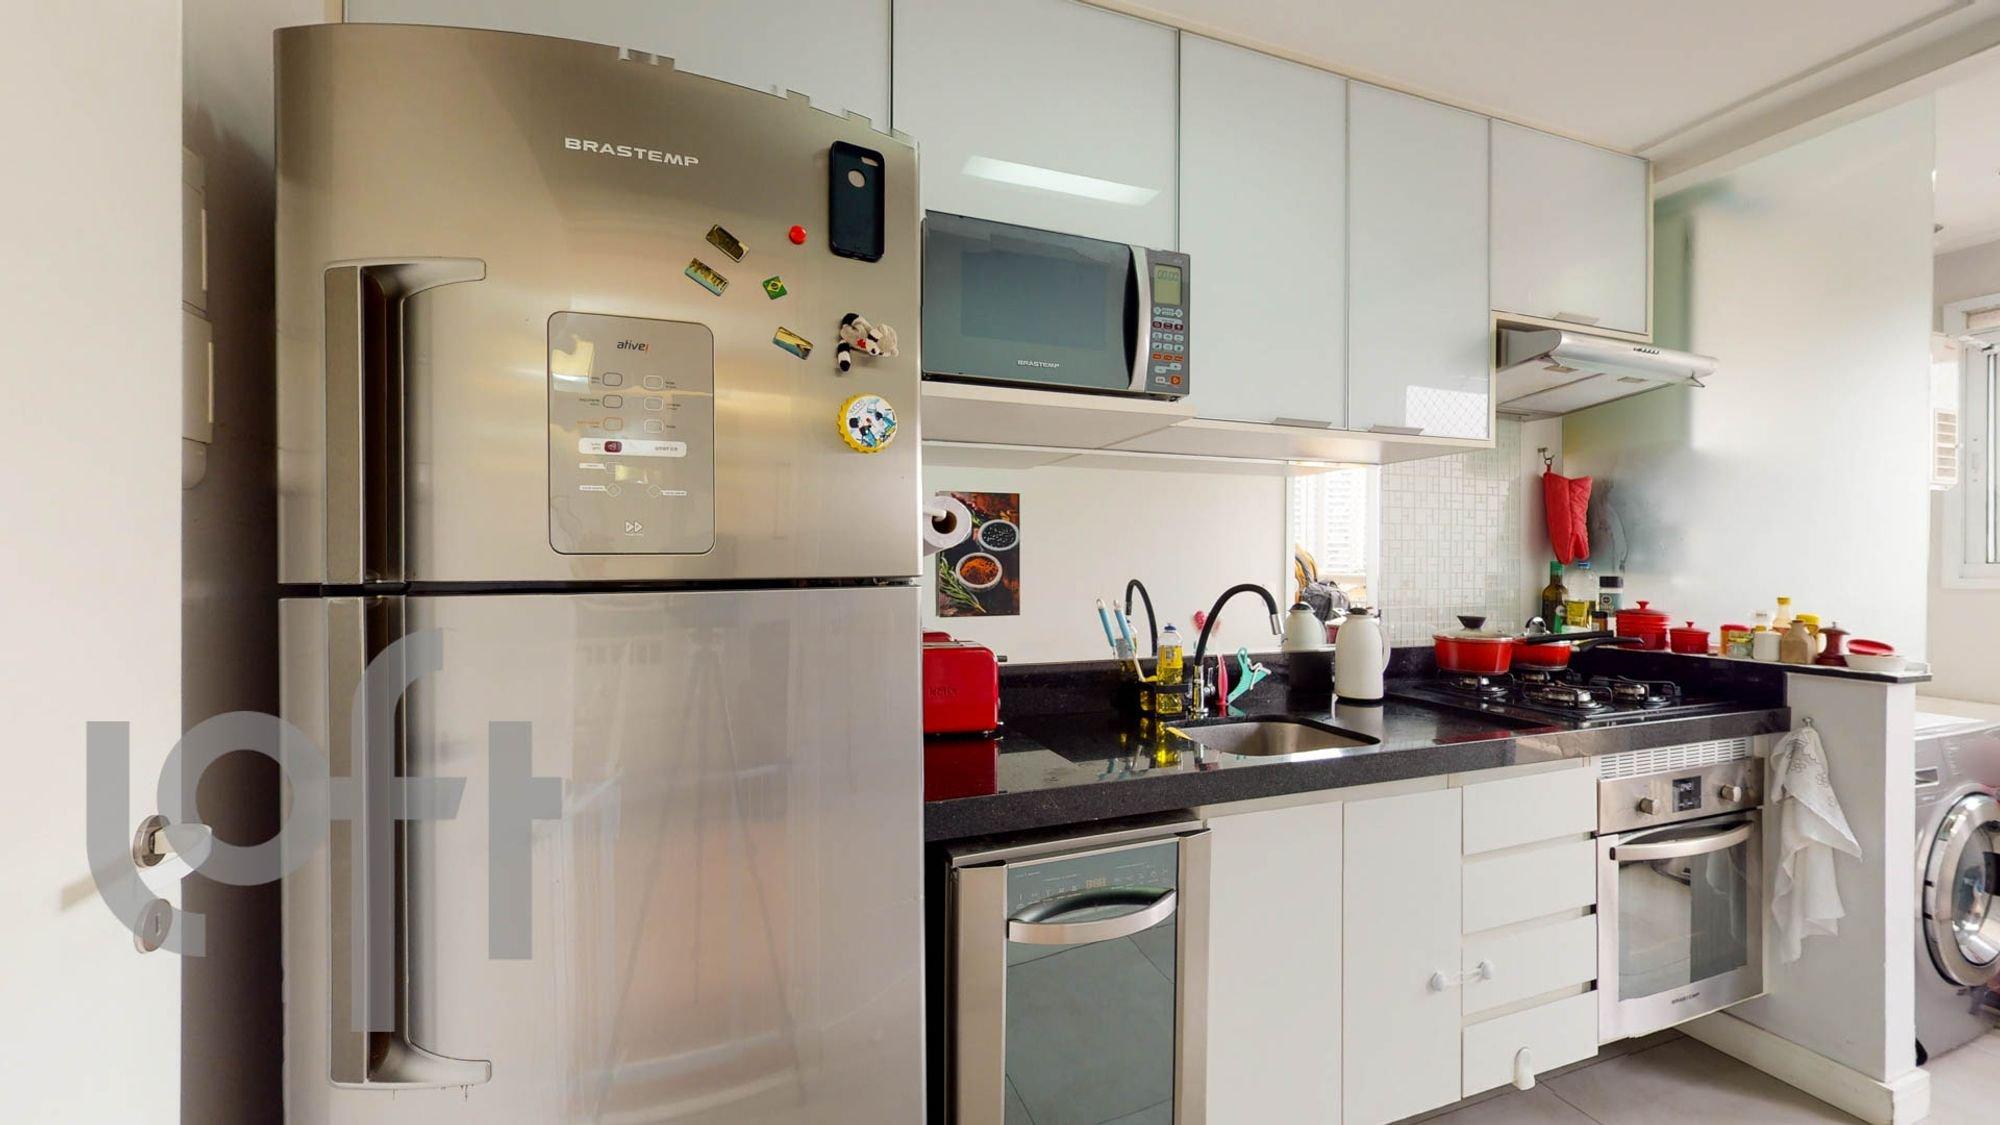 Foto de Cozinha com garrafa, forno, geladeira, pia, microondas, xícara